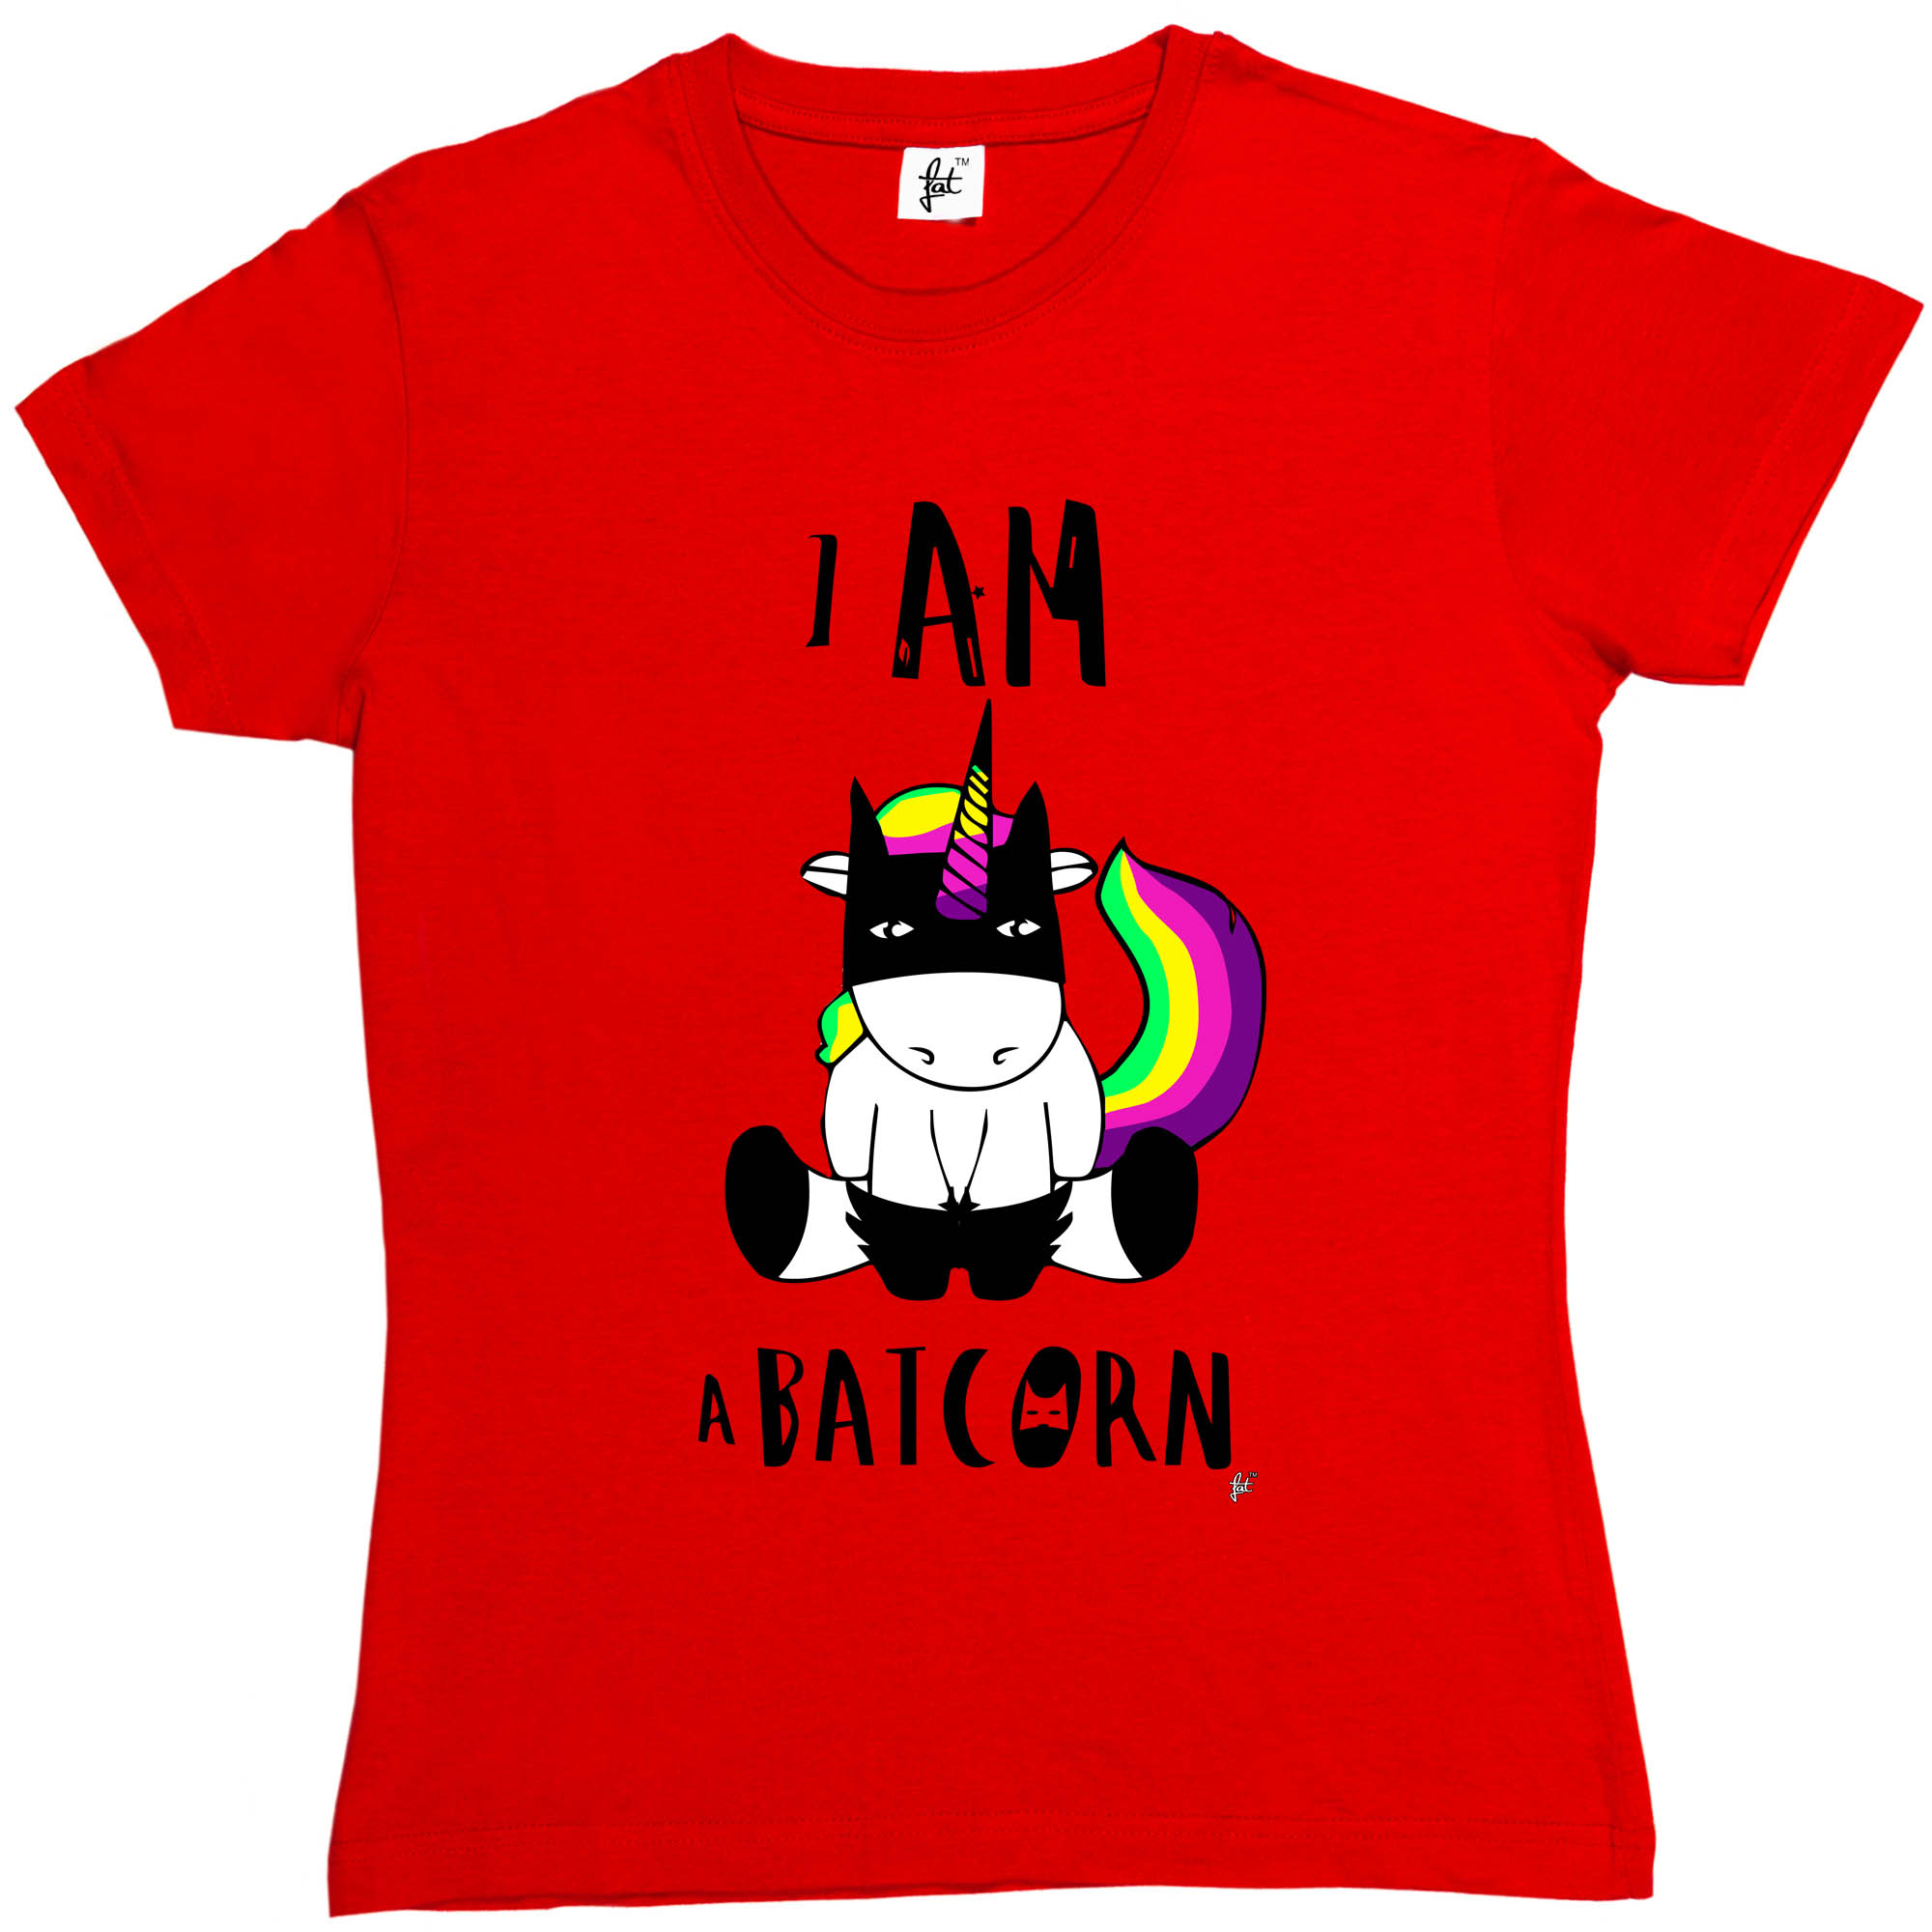 Saya Batcorn Unicorn Memakai Bat Superhero Topeng Womens Wanita T Super Hero Shirt Merek Fashion Harajuku Kawaii Slim Punk Tops Di Dari Pakaian